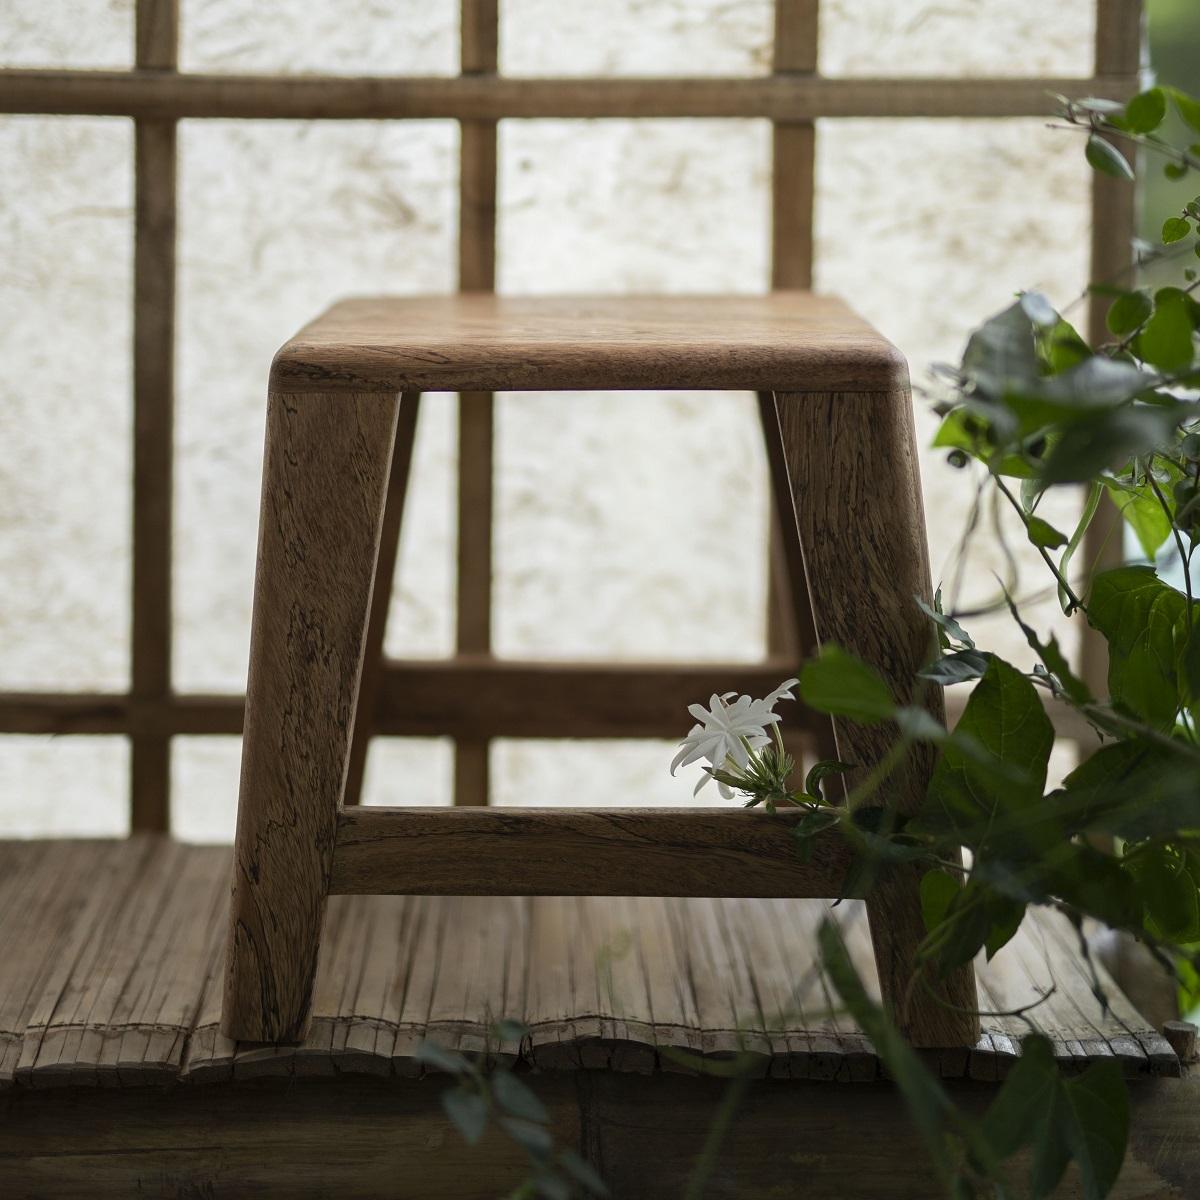 KTS Kevin Levon: Là ghế nhưng không chỉ để ngồi!